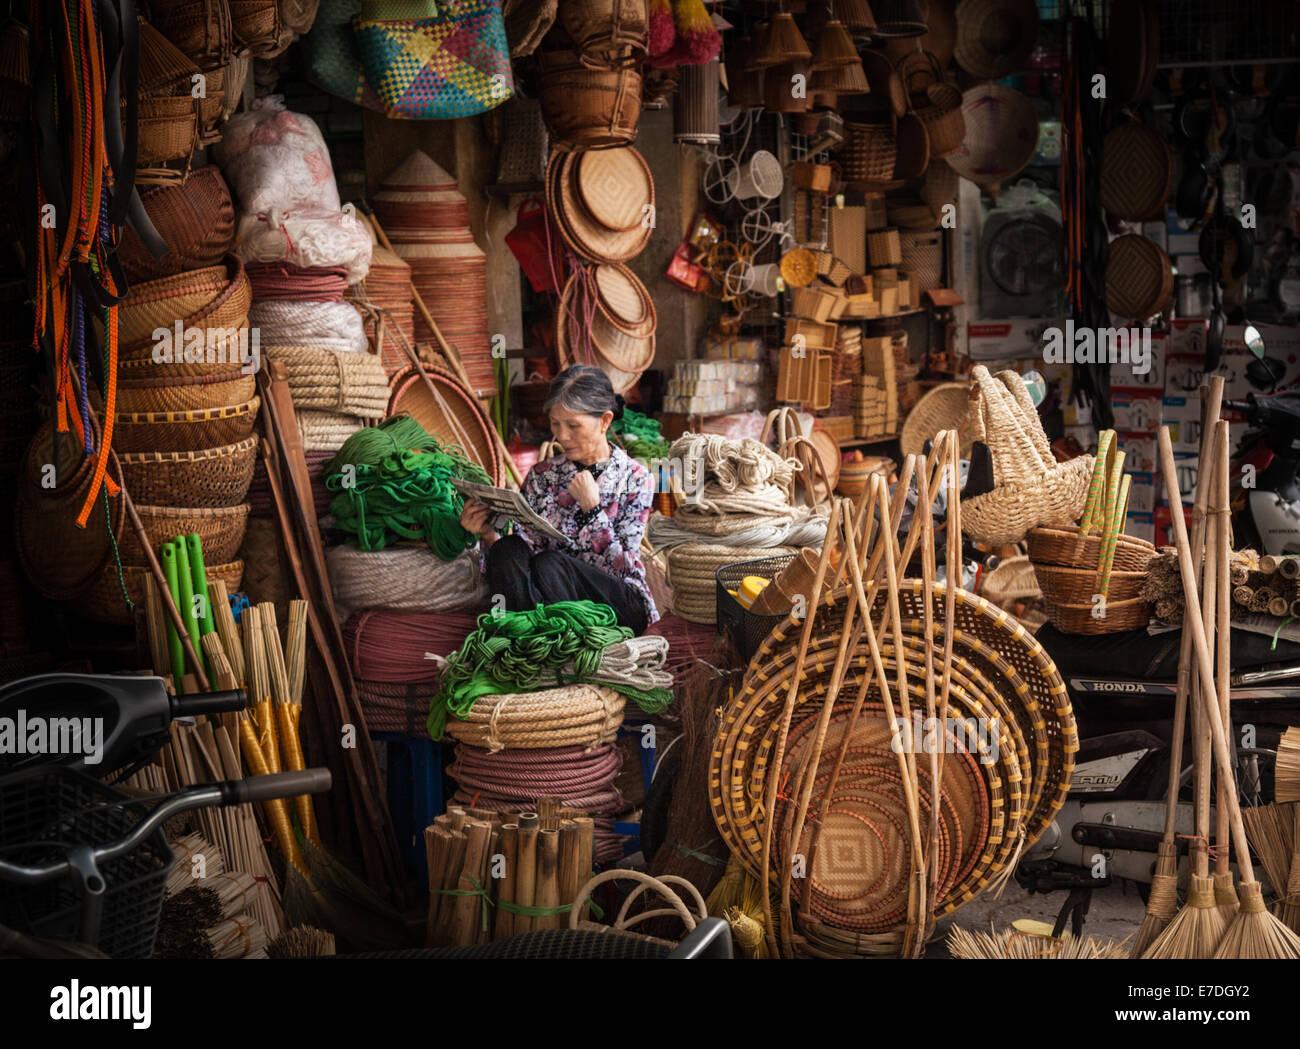 Mercado de alimentos en el barrio antiguo de Hanoi, Vietnam Imagen De Stock